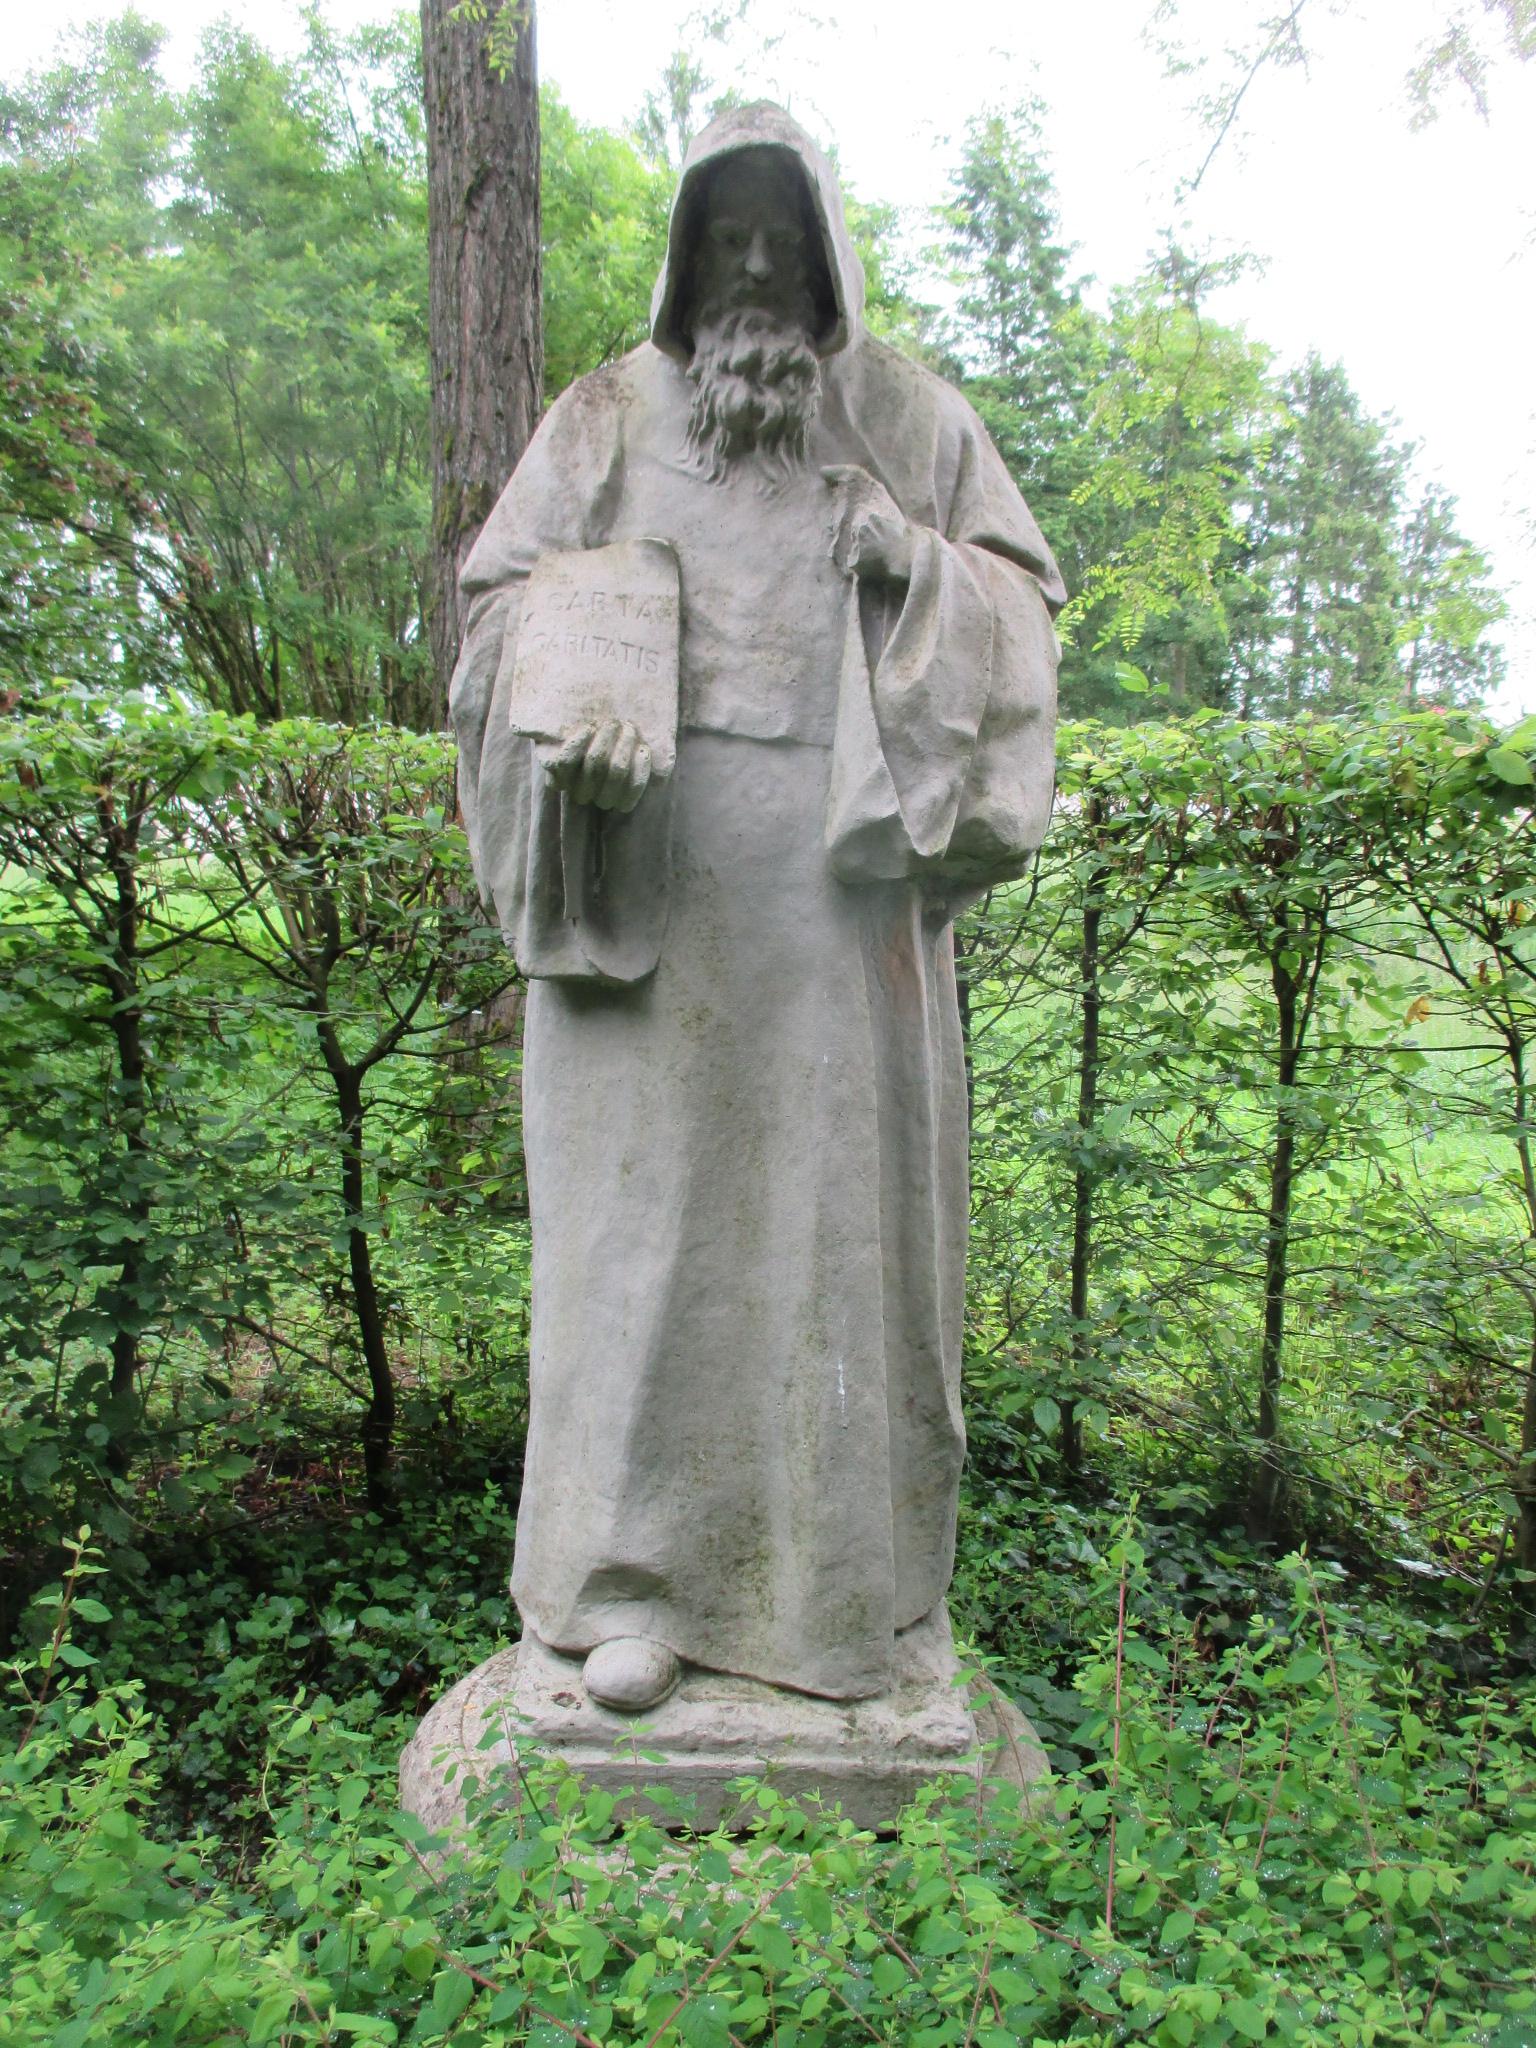 Статуя святого Стефана де Хардинга, третьего настоятеля, на территории аббатства Сито